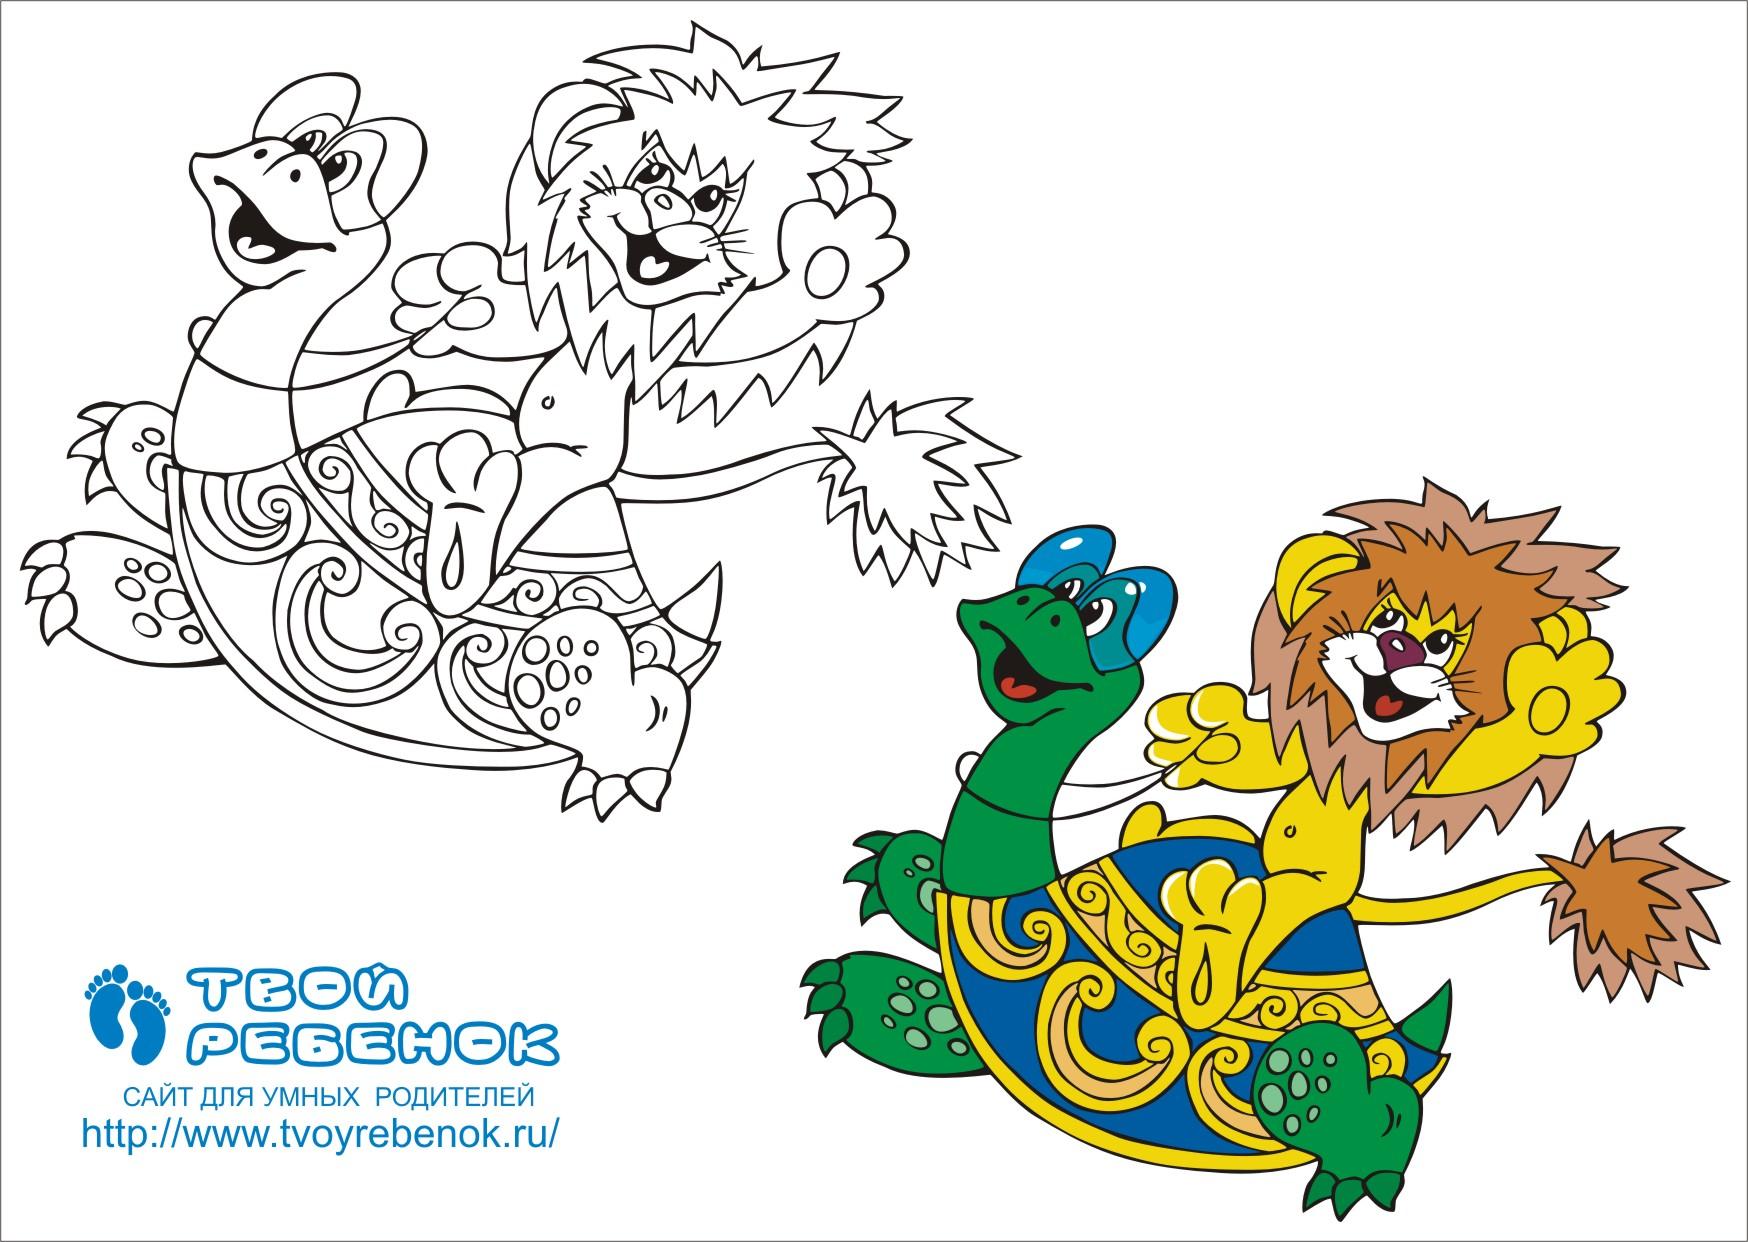 Скачать бесплатно мультик песенка львенка и черепахи.